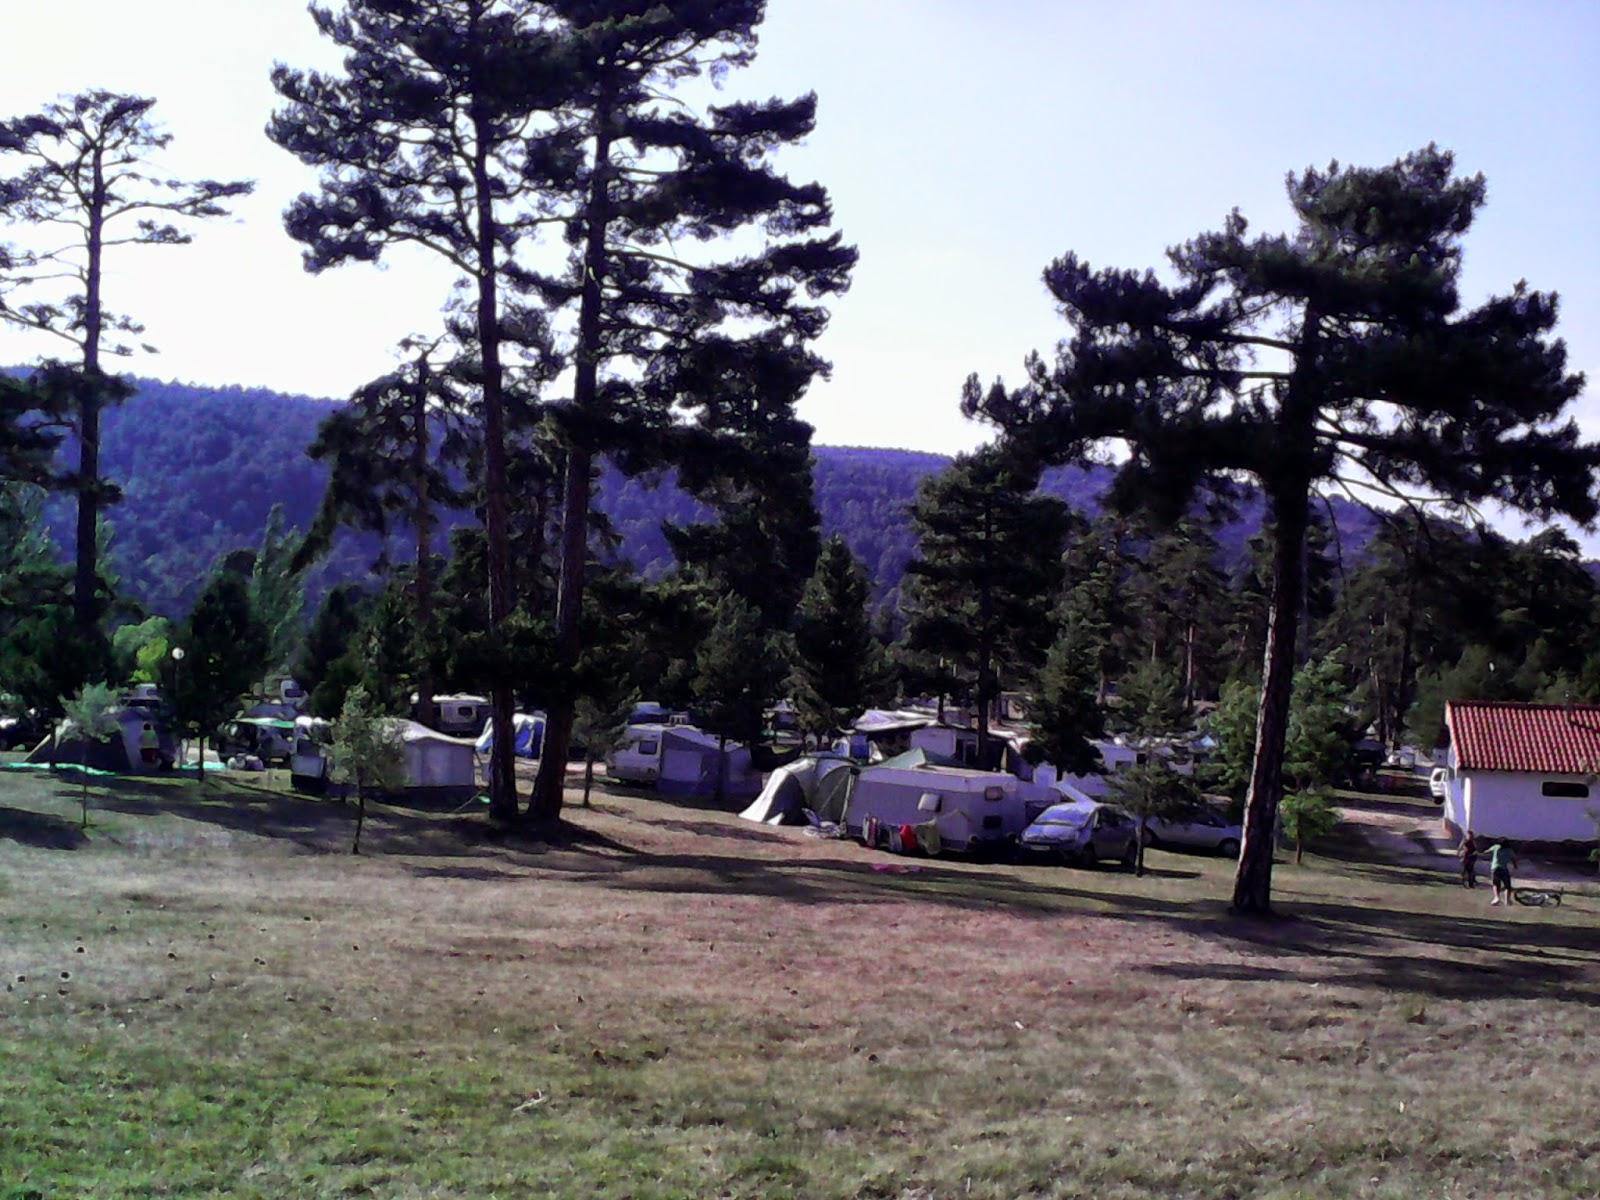 Camping interior